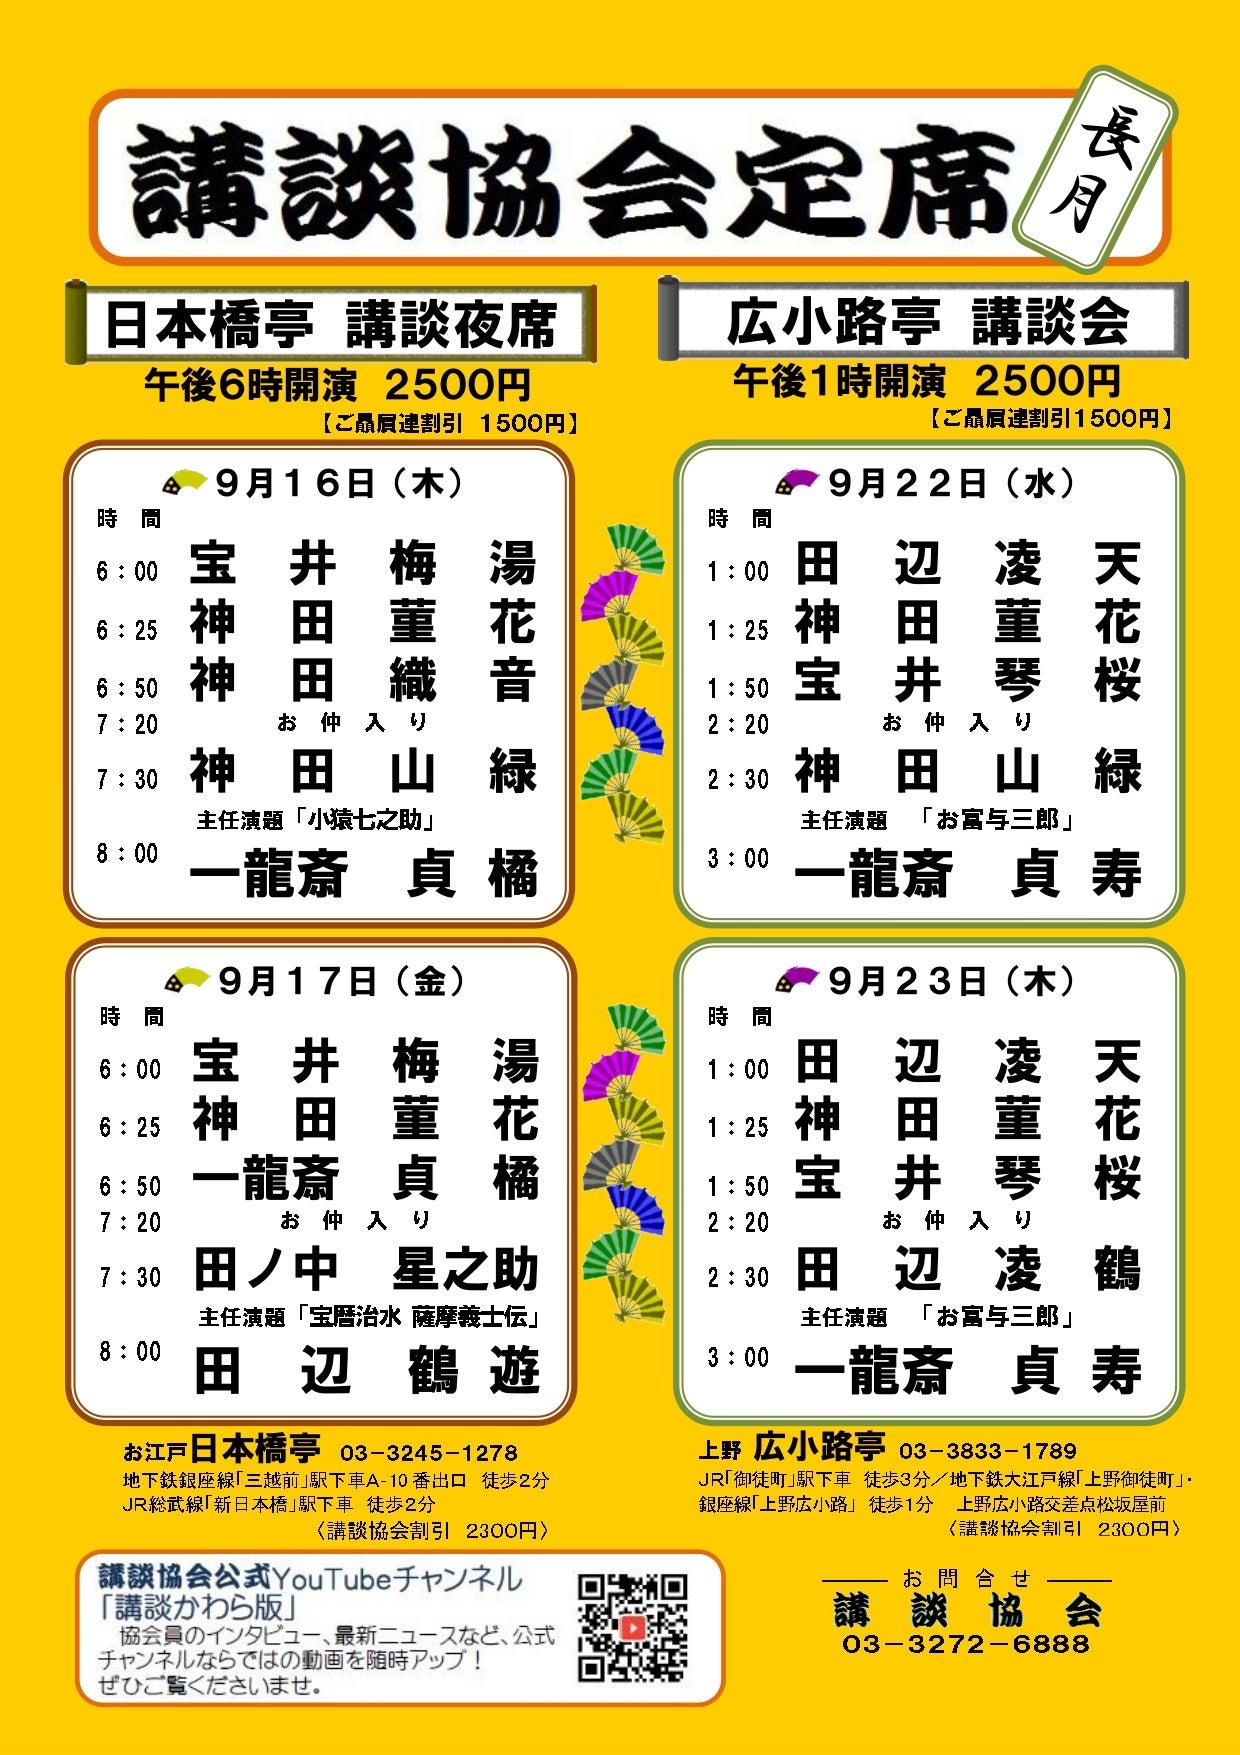 9月広小路亭講談会、貞寿特別割引のおしらせ!